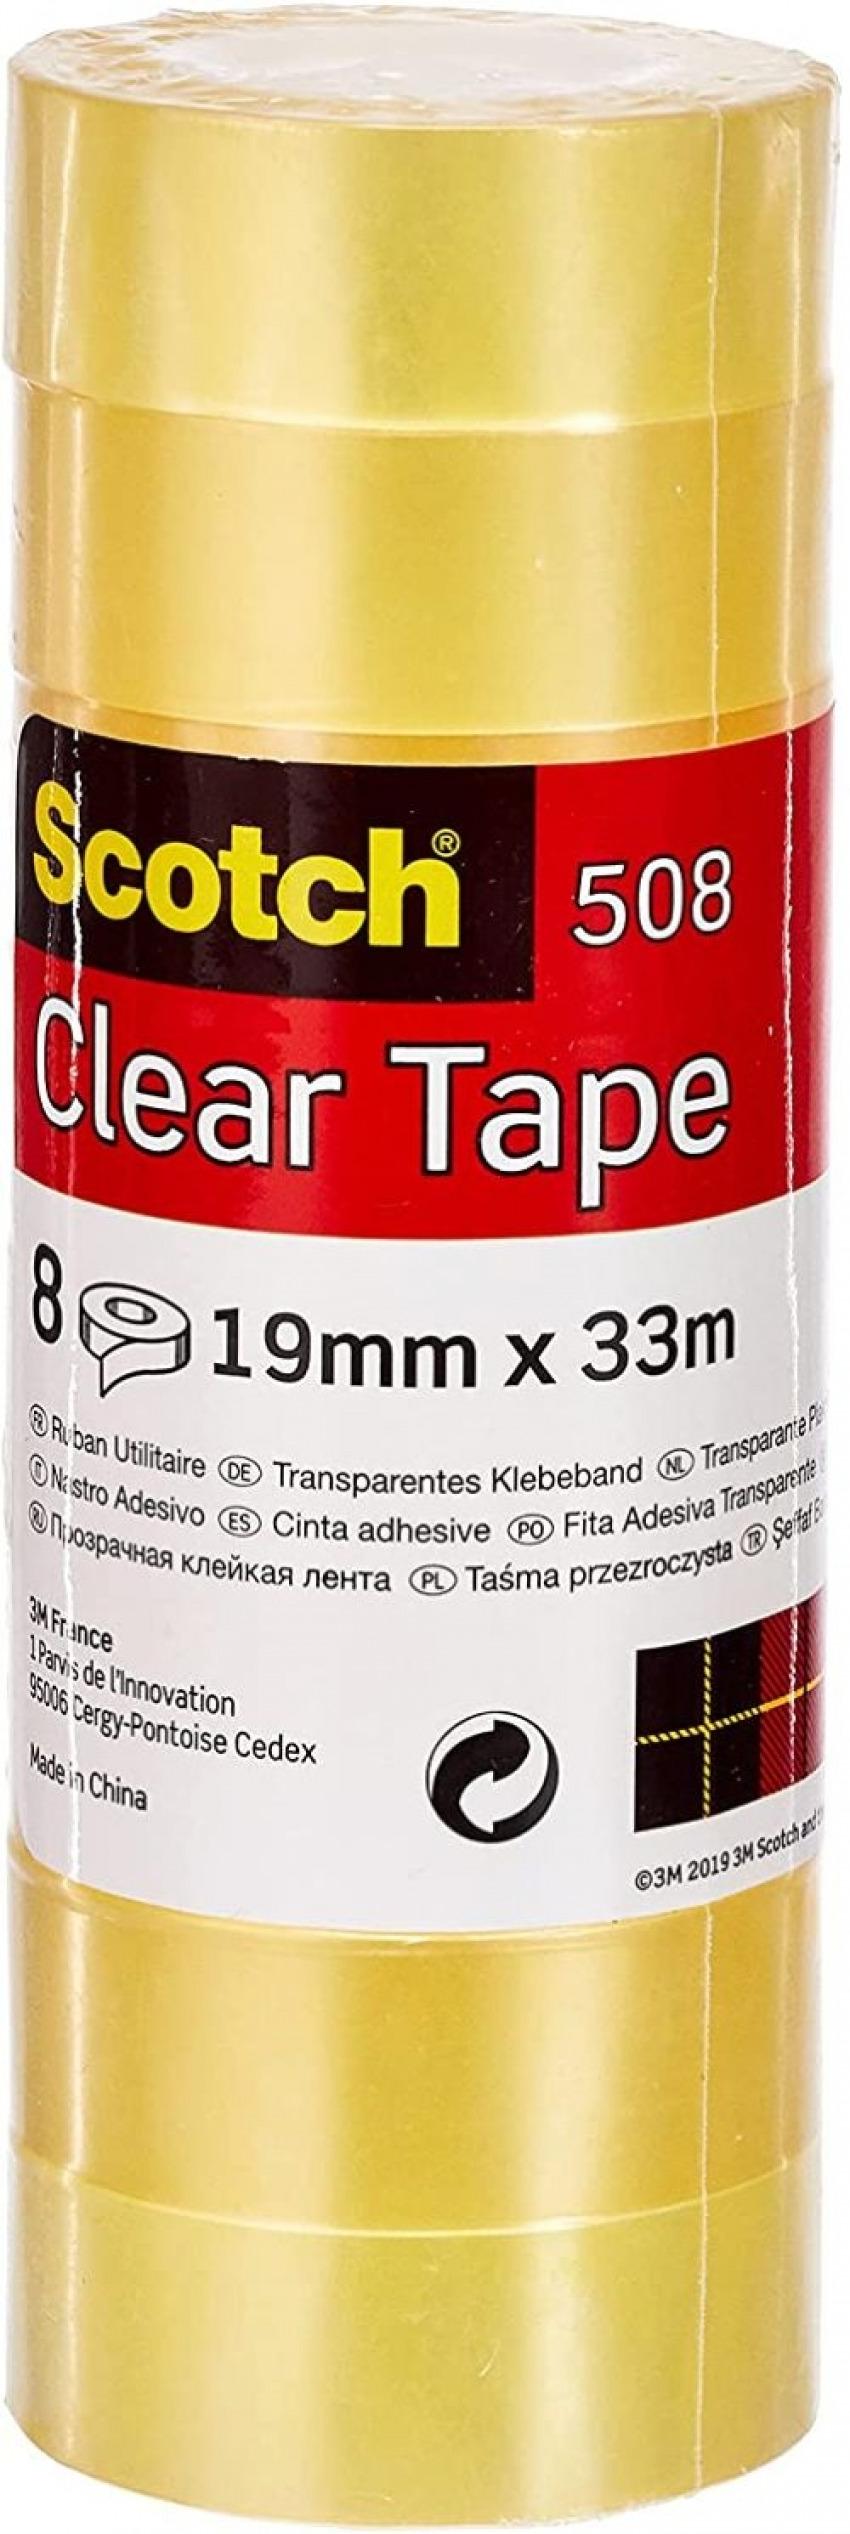 PACK 8 ROLLOS CINTA TRANSPARENTE 33MX19MM SCOTCH 508 4001895919947